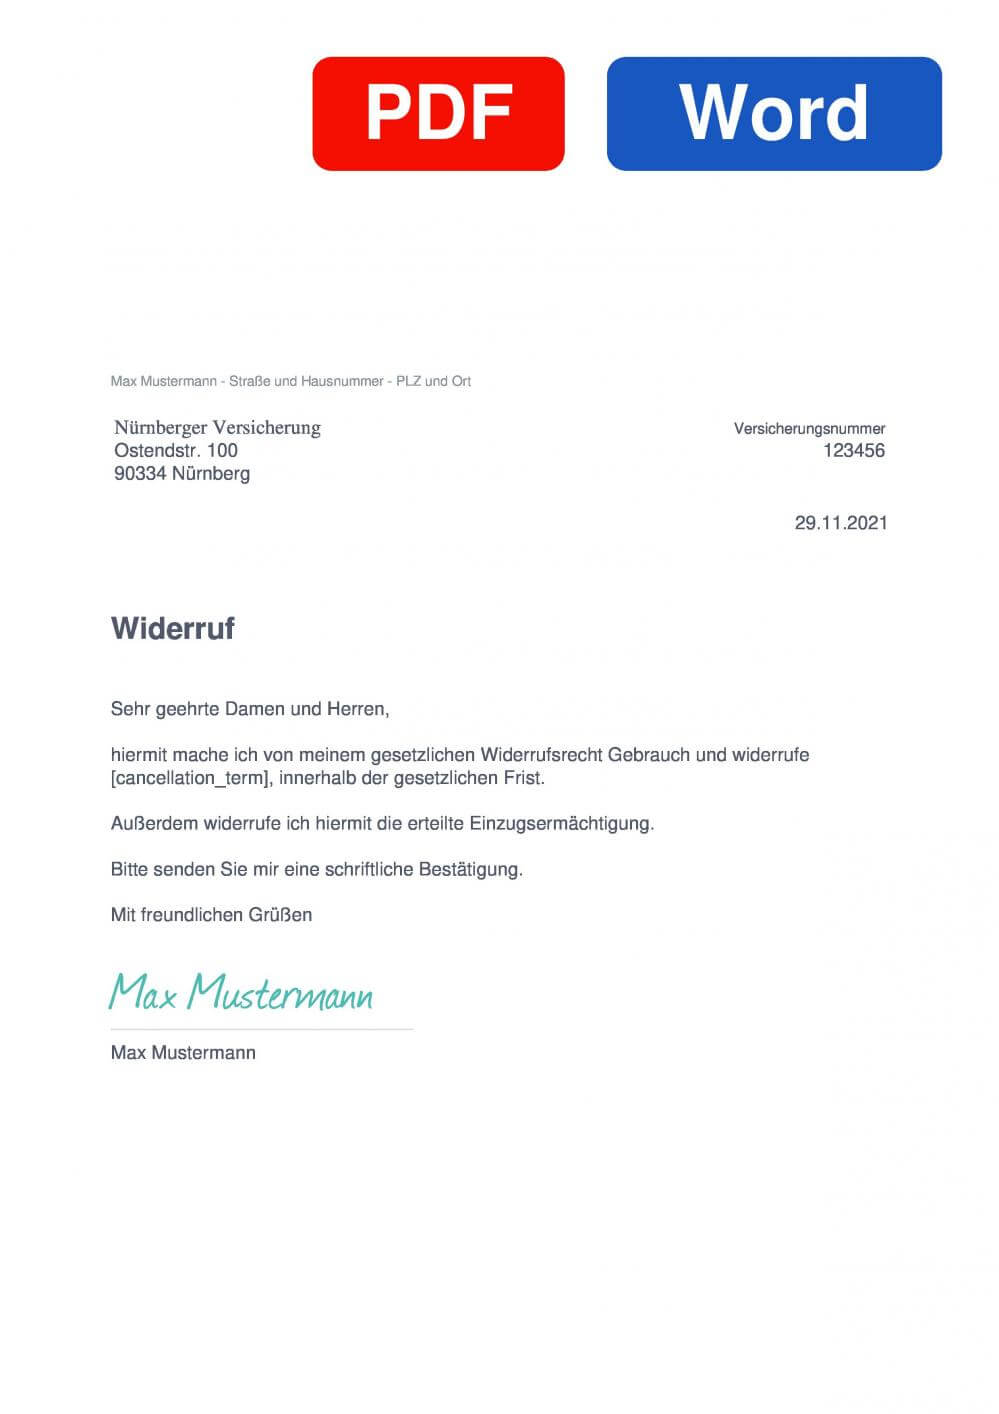 Nürnberger Versicherung Muster Vorlage für Wiederrufsschreiben